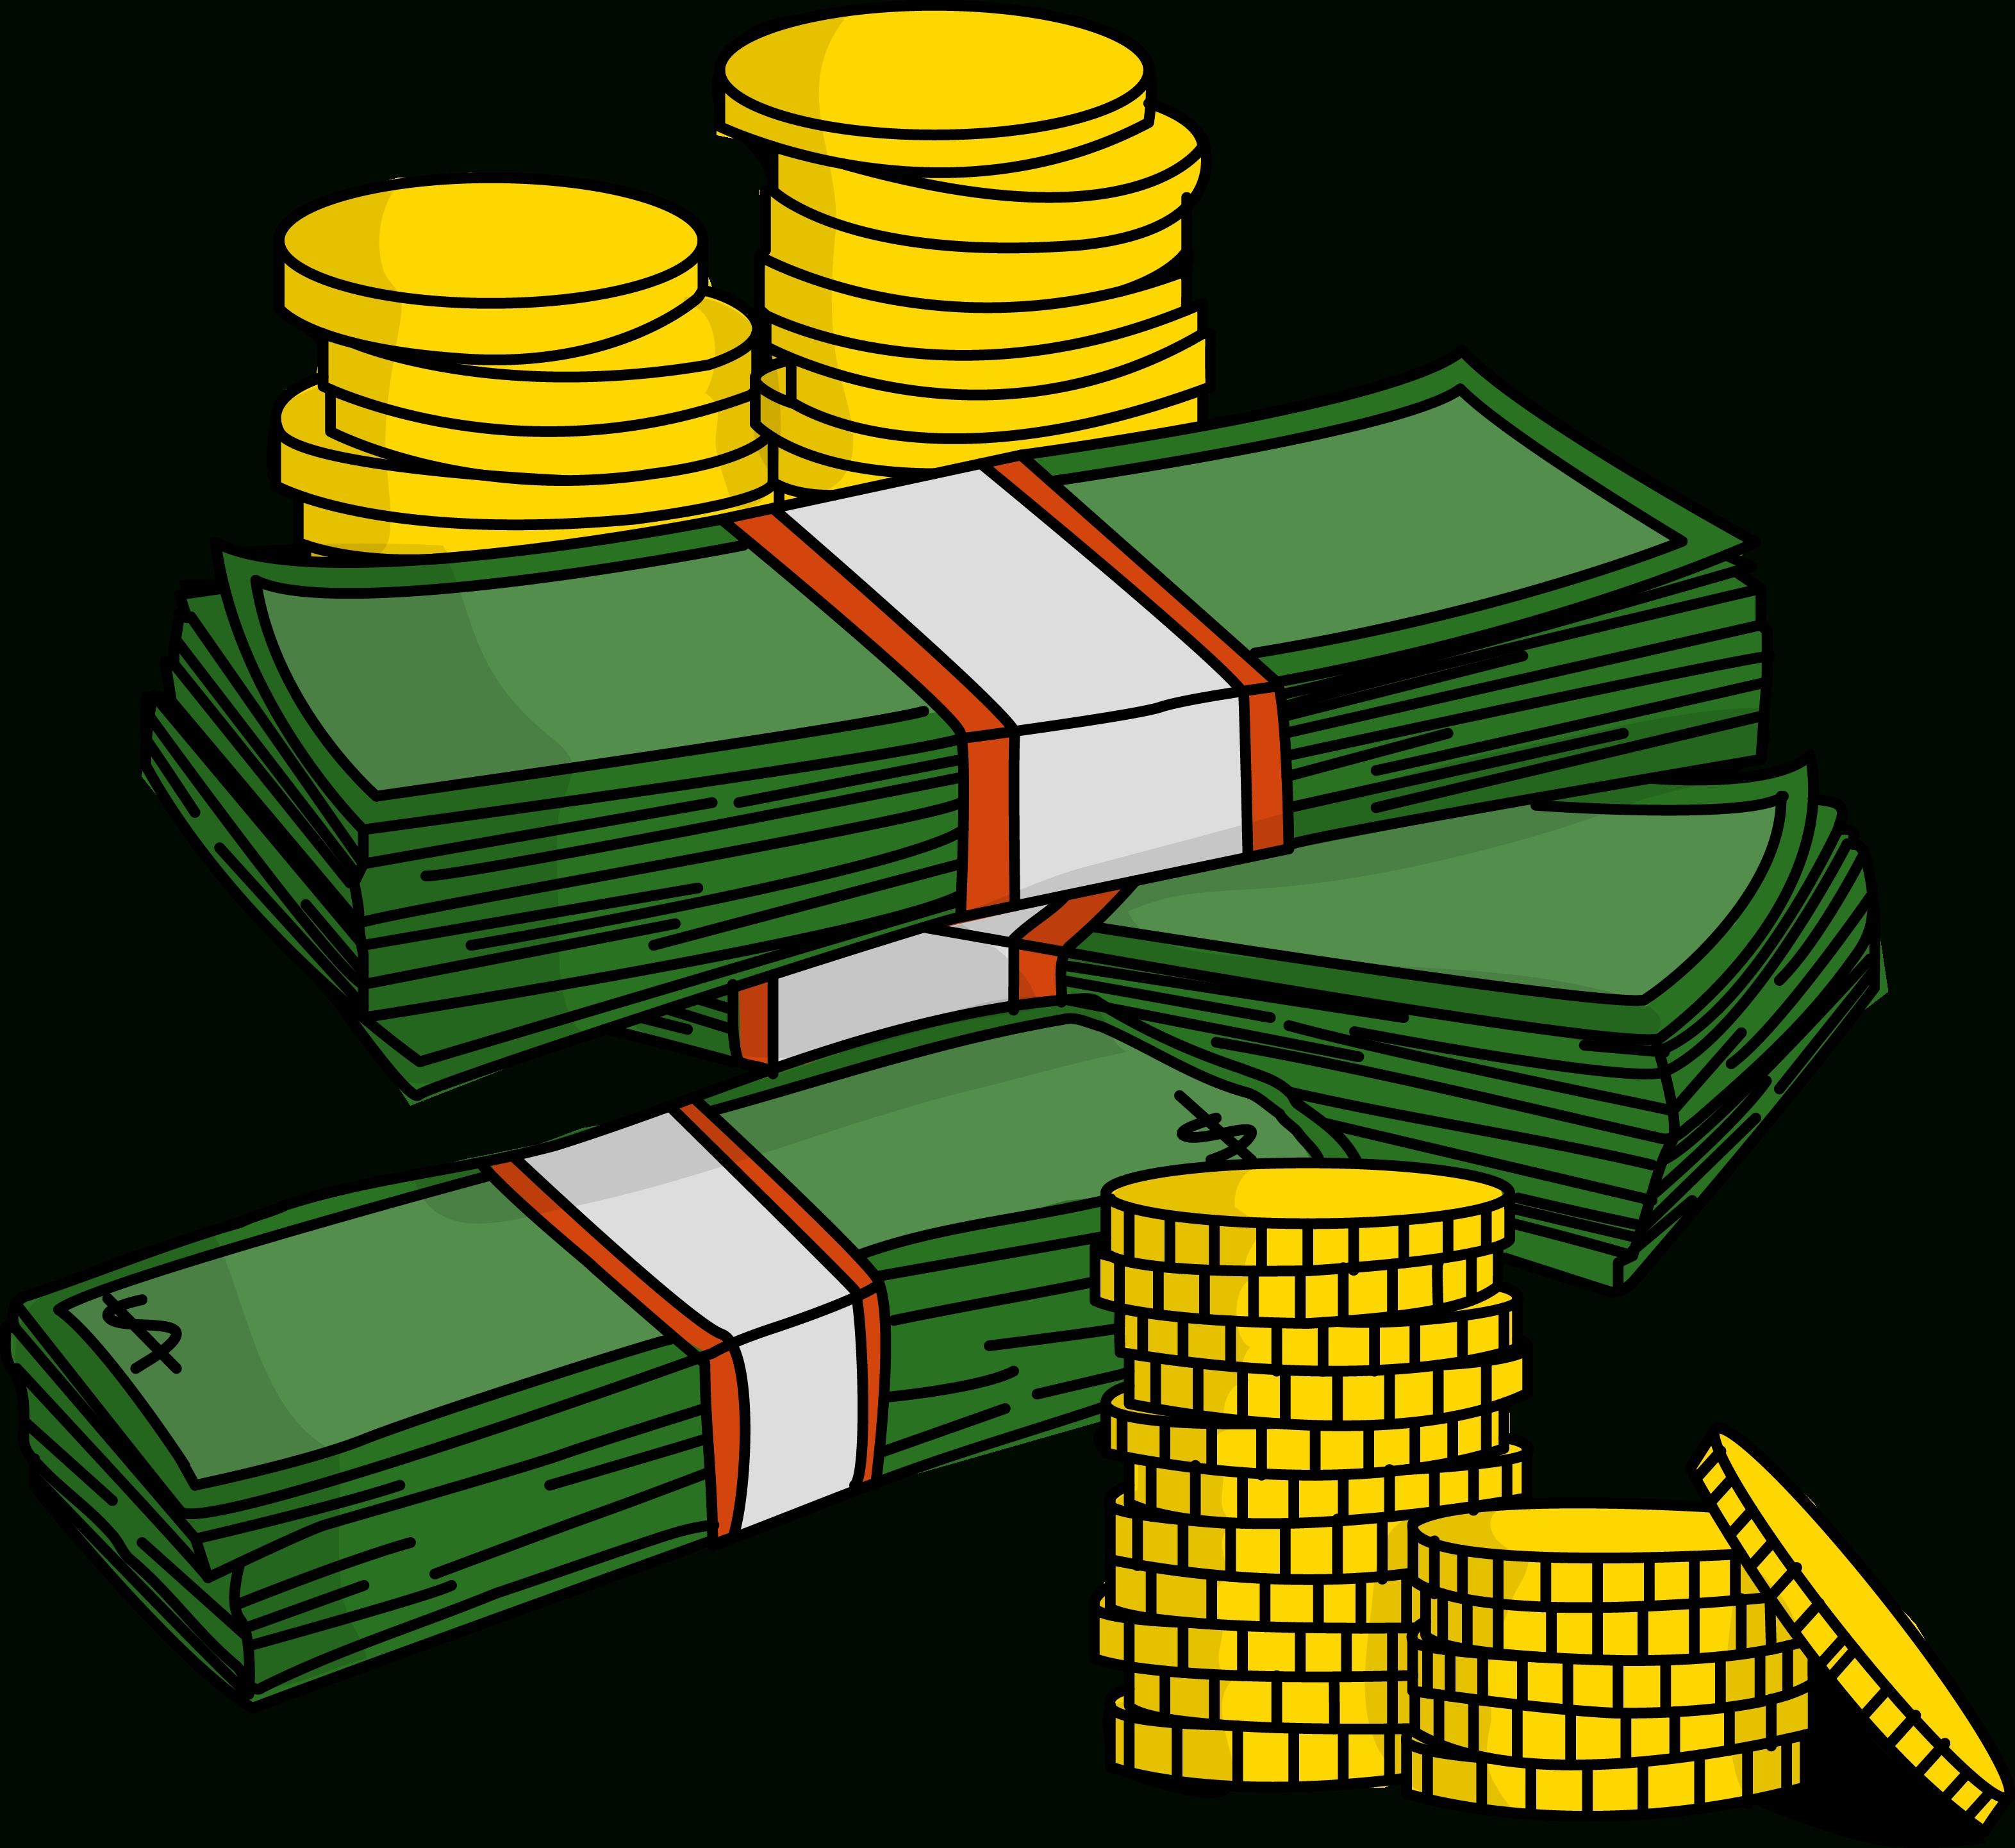 Cash clipart. Letters free money cliparts